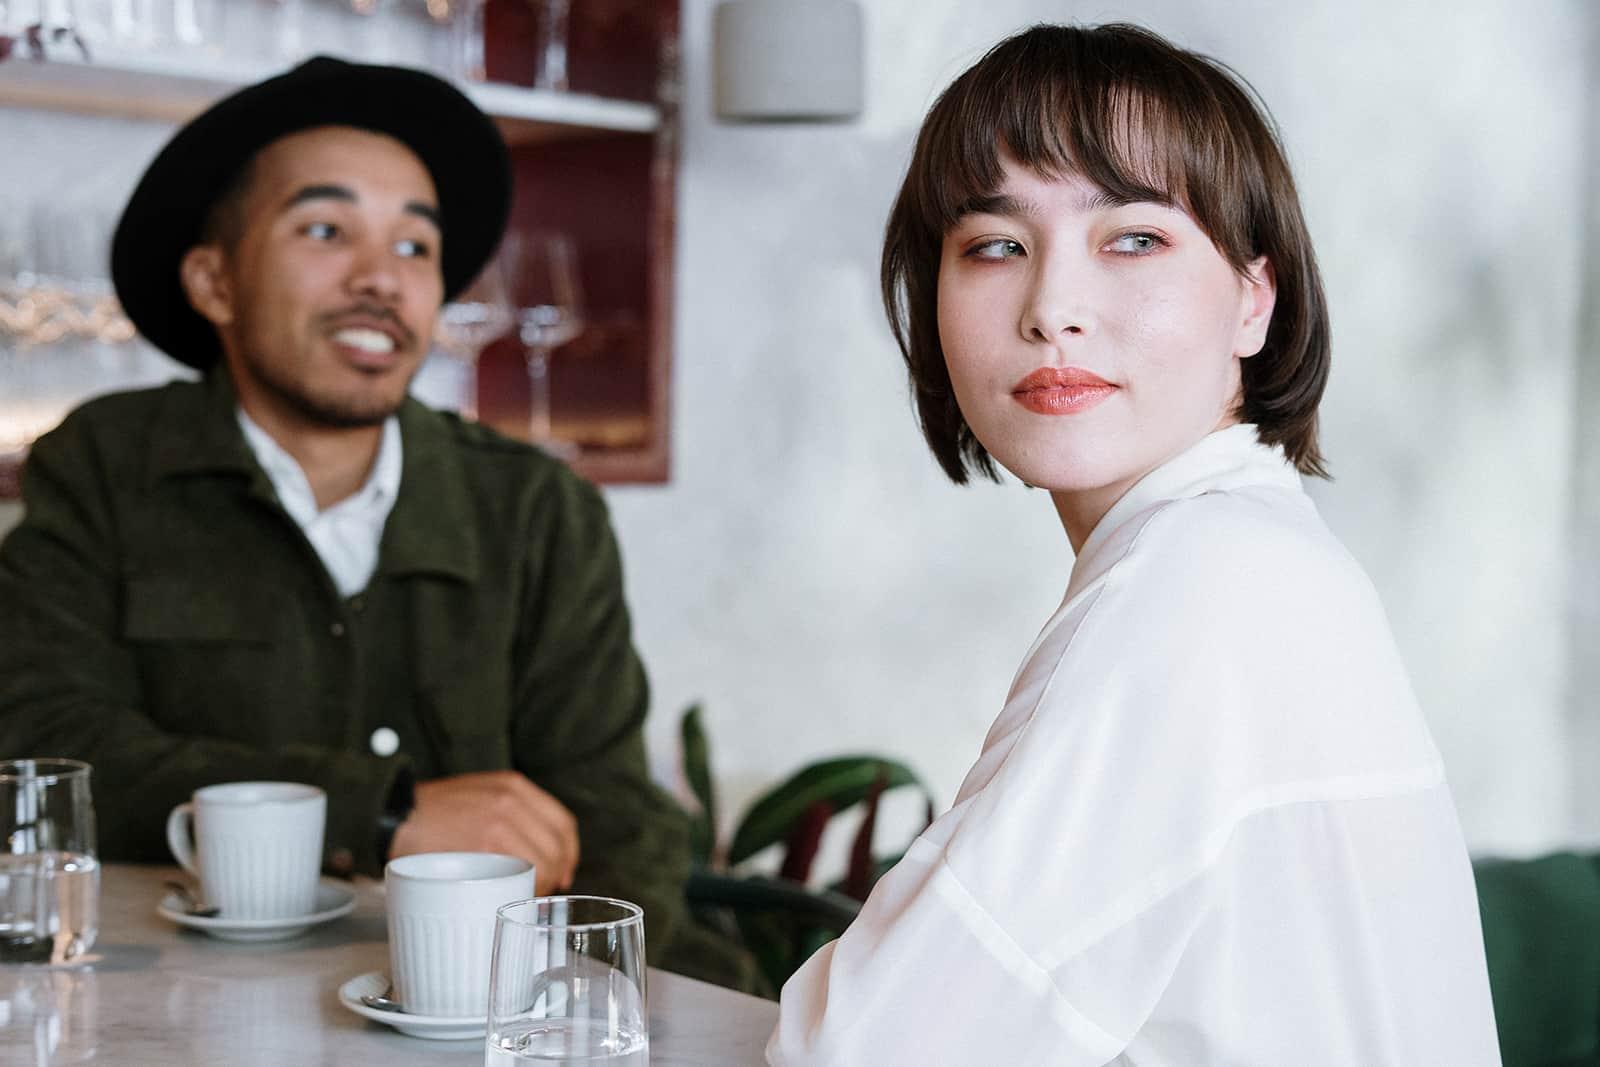 Une femme pensive tournant la tête d'un homme qui lui parle tout en buvant du café ensemble